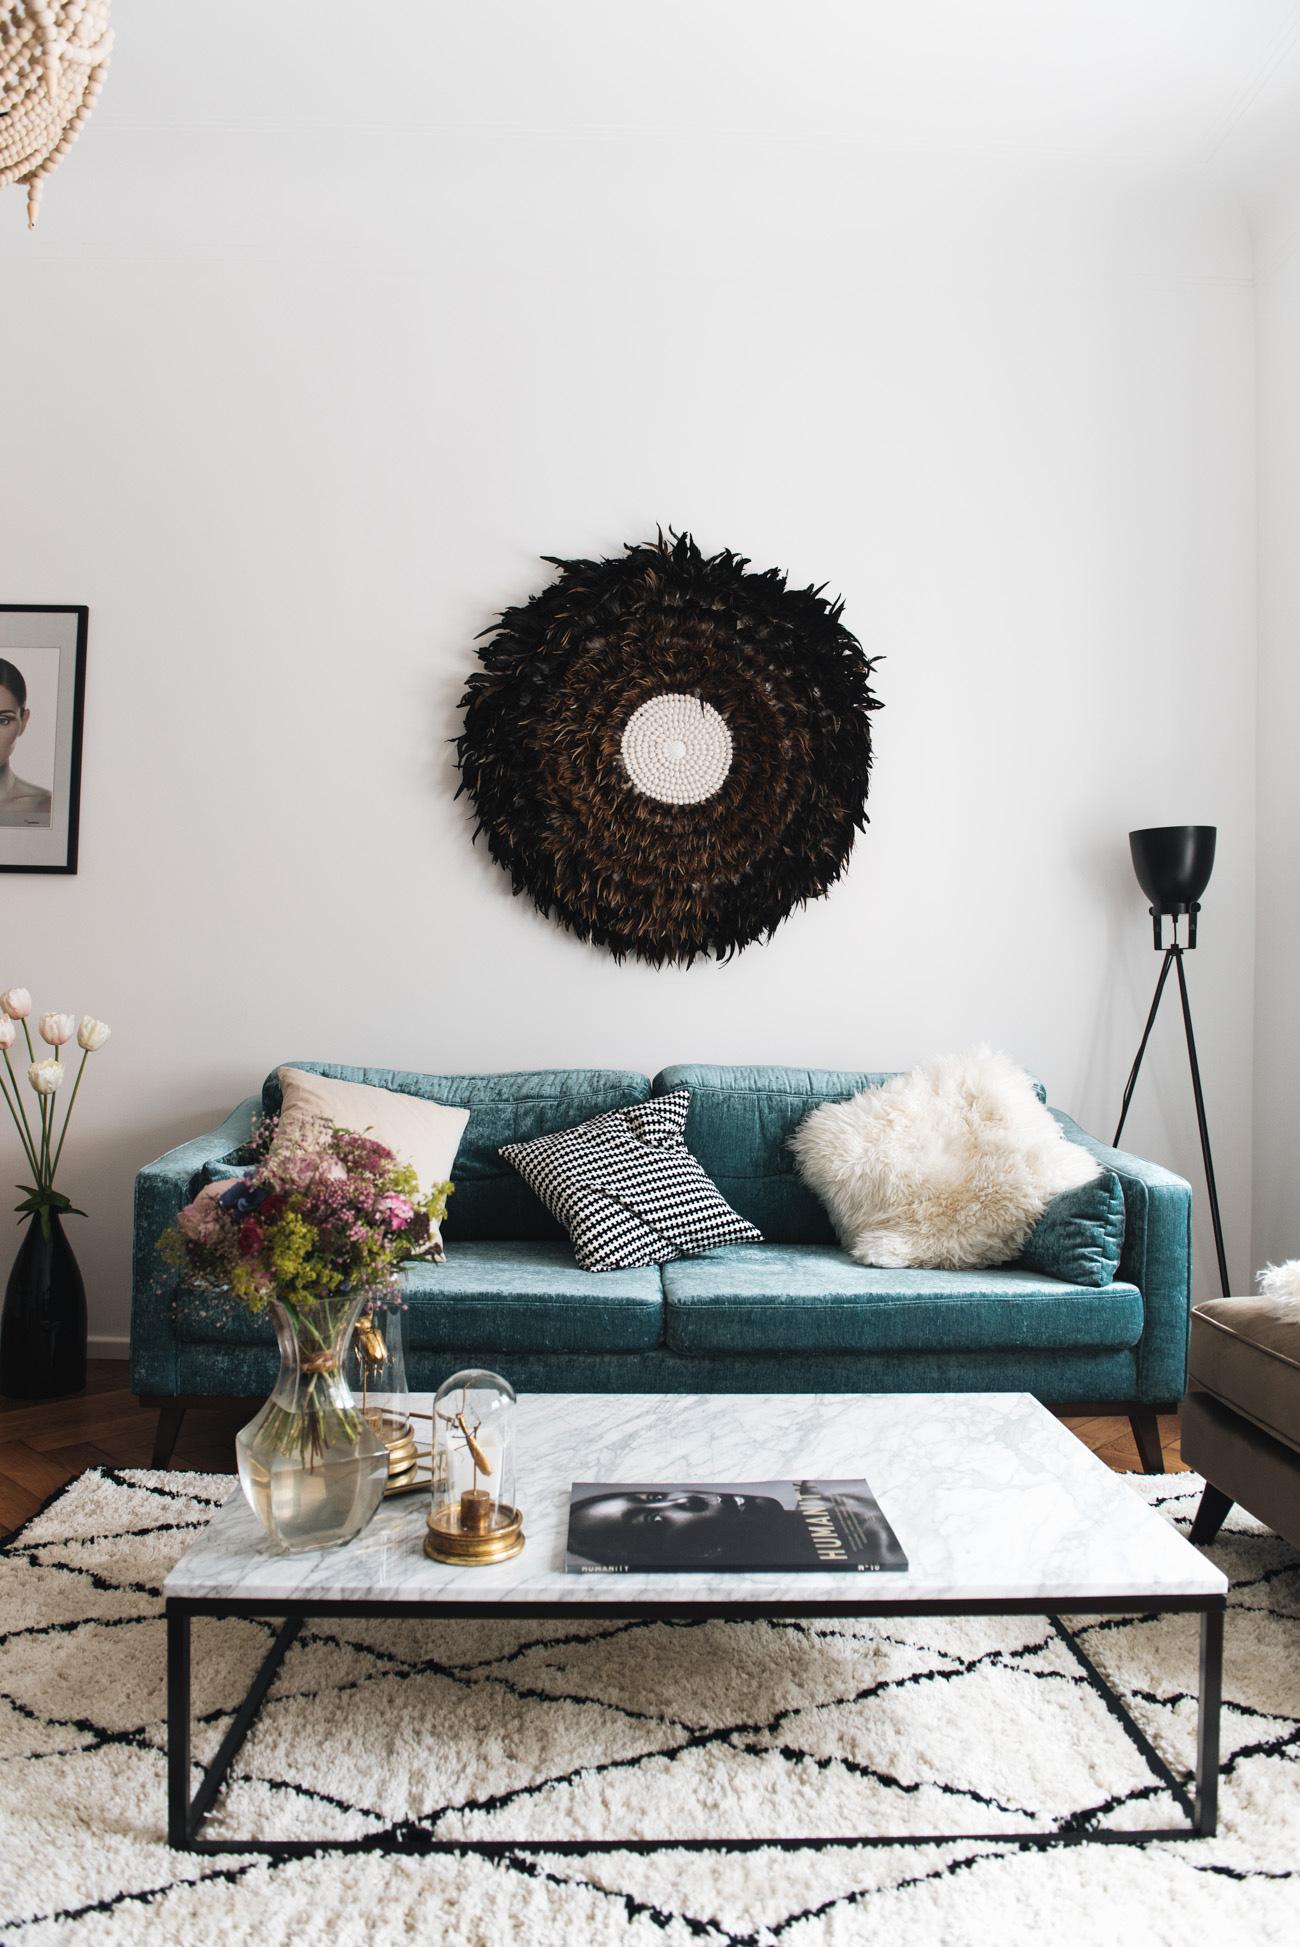 hocker-aus-samt-samtsofa-couch-mint-türkis-petrol-farbene-couch-nina-schwichtenberg-fashiioncarpet